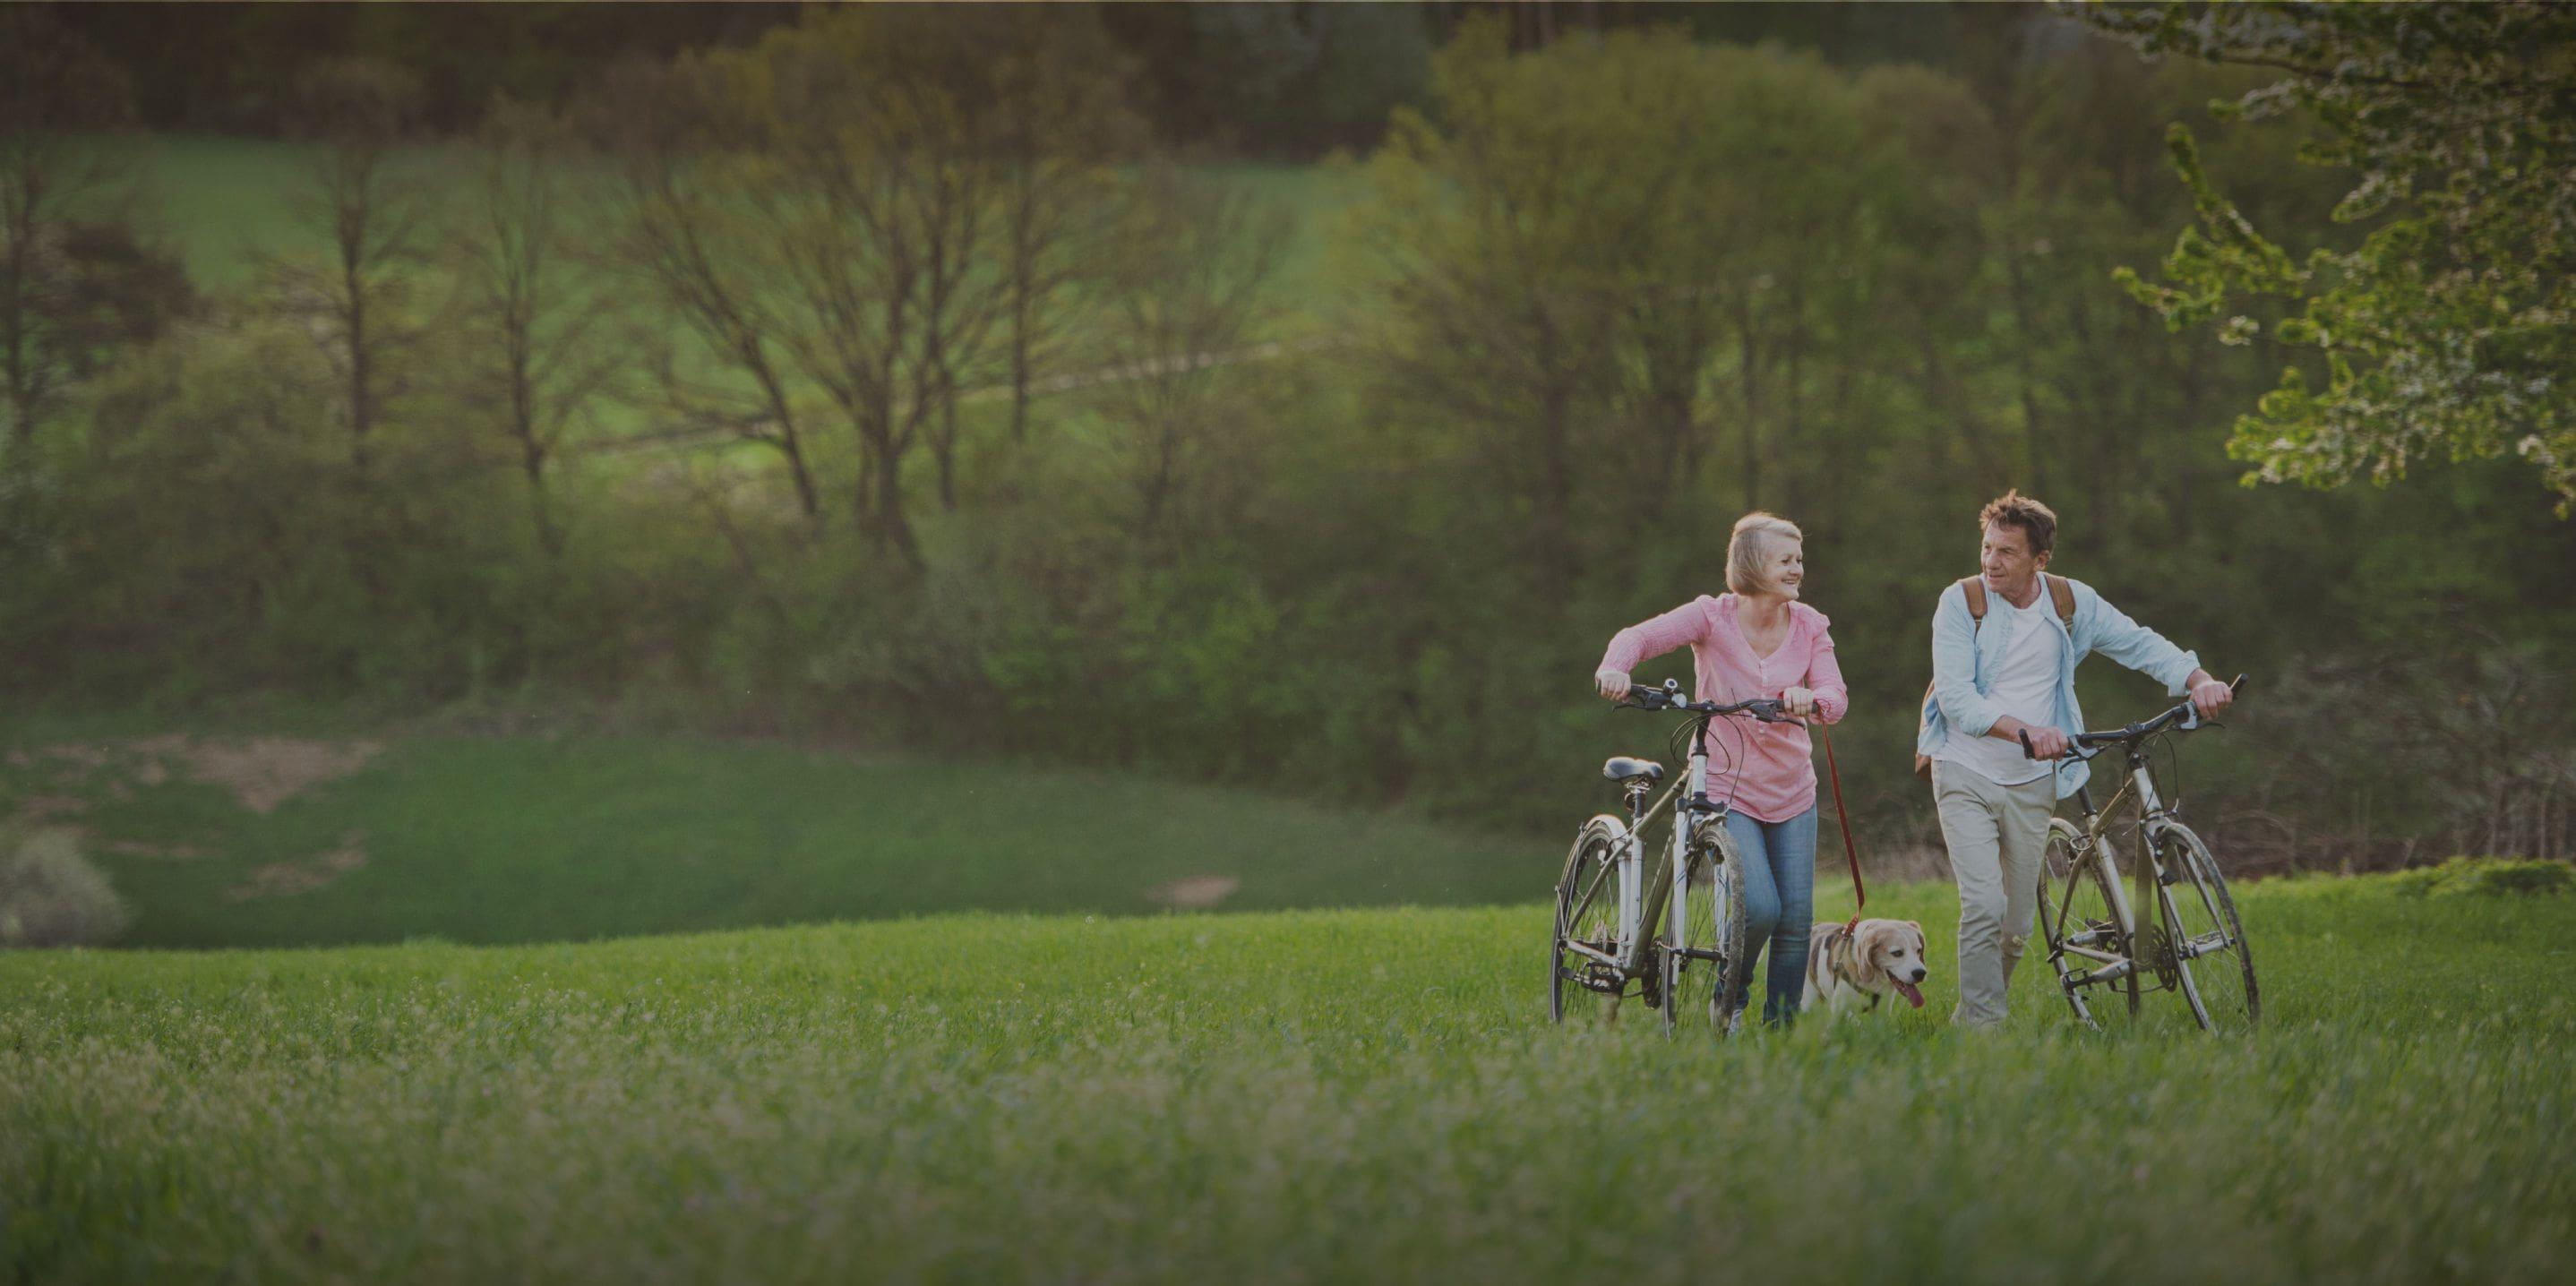 Zufriedene Fahrradfahrer in der Natur